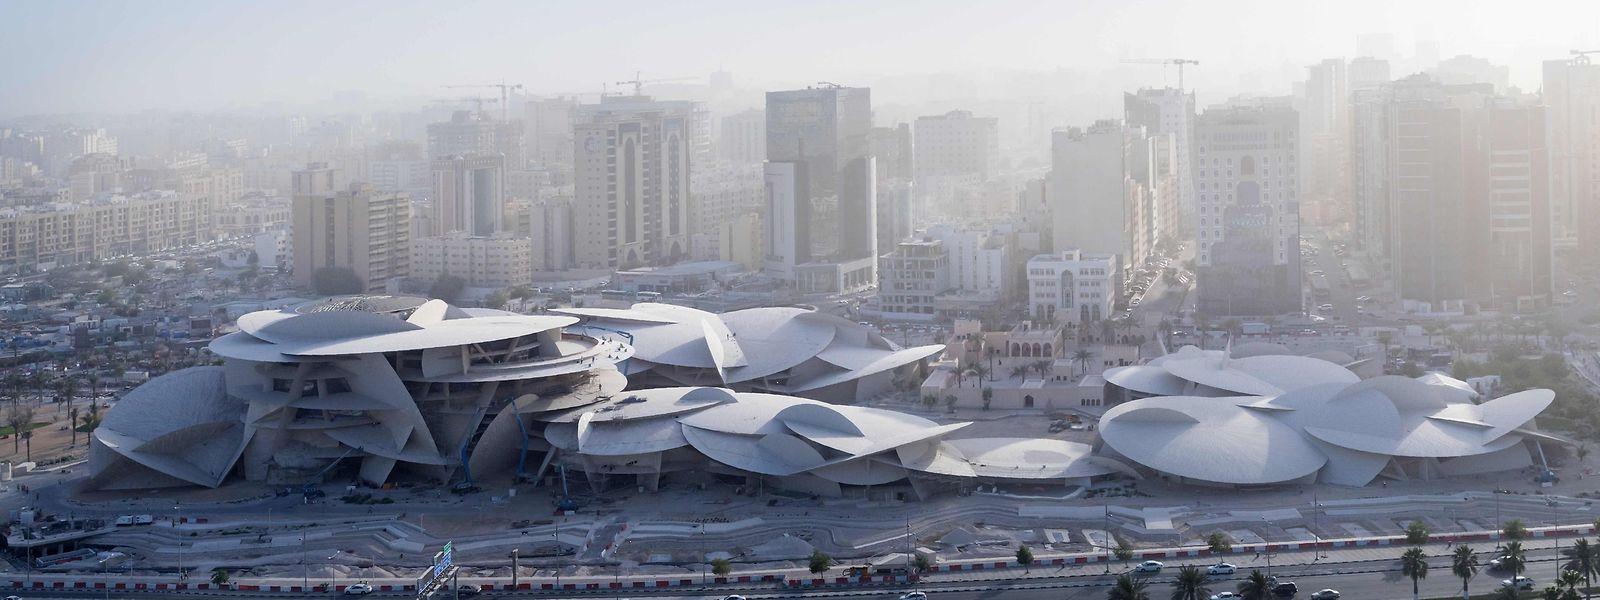 Das neue Nationalmuseum Katars aus der Luftperspektive.